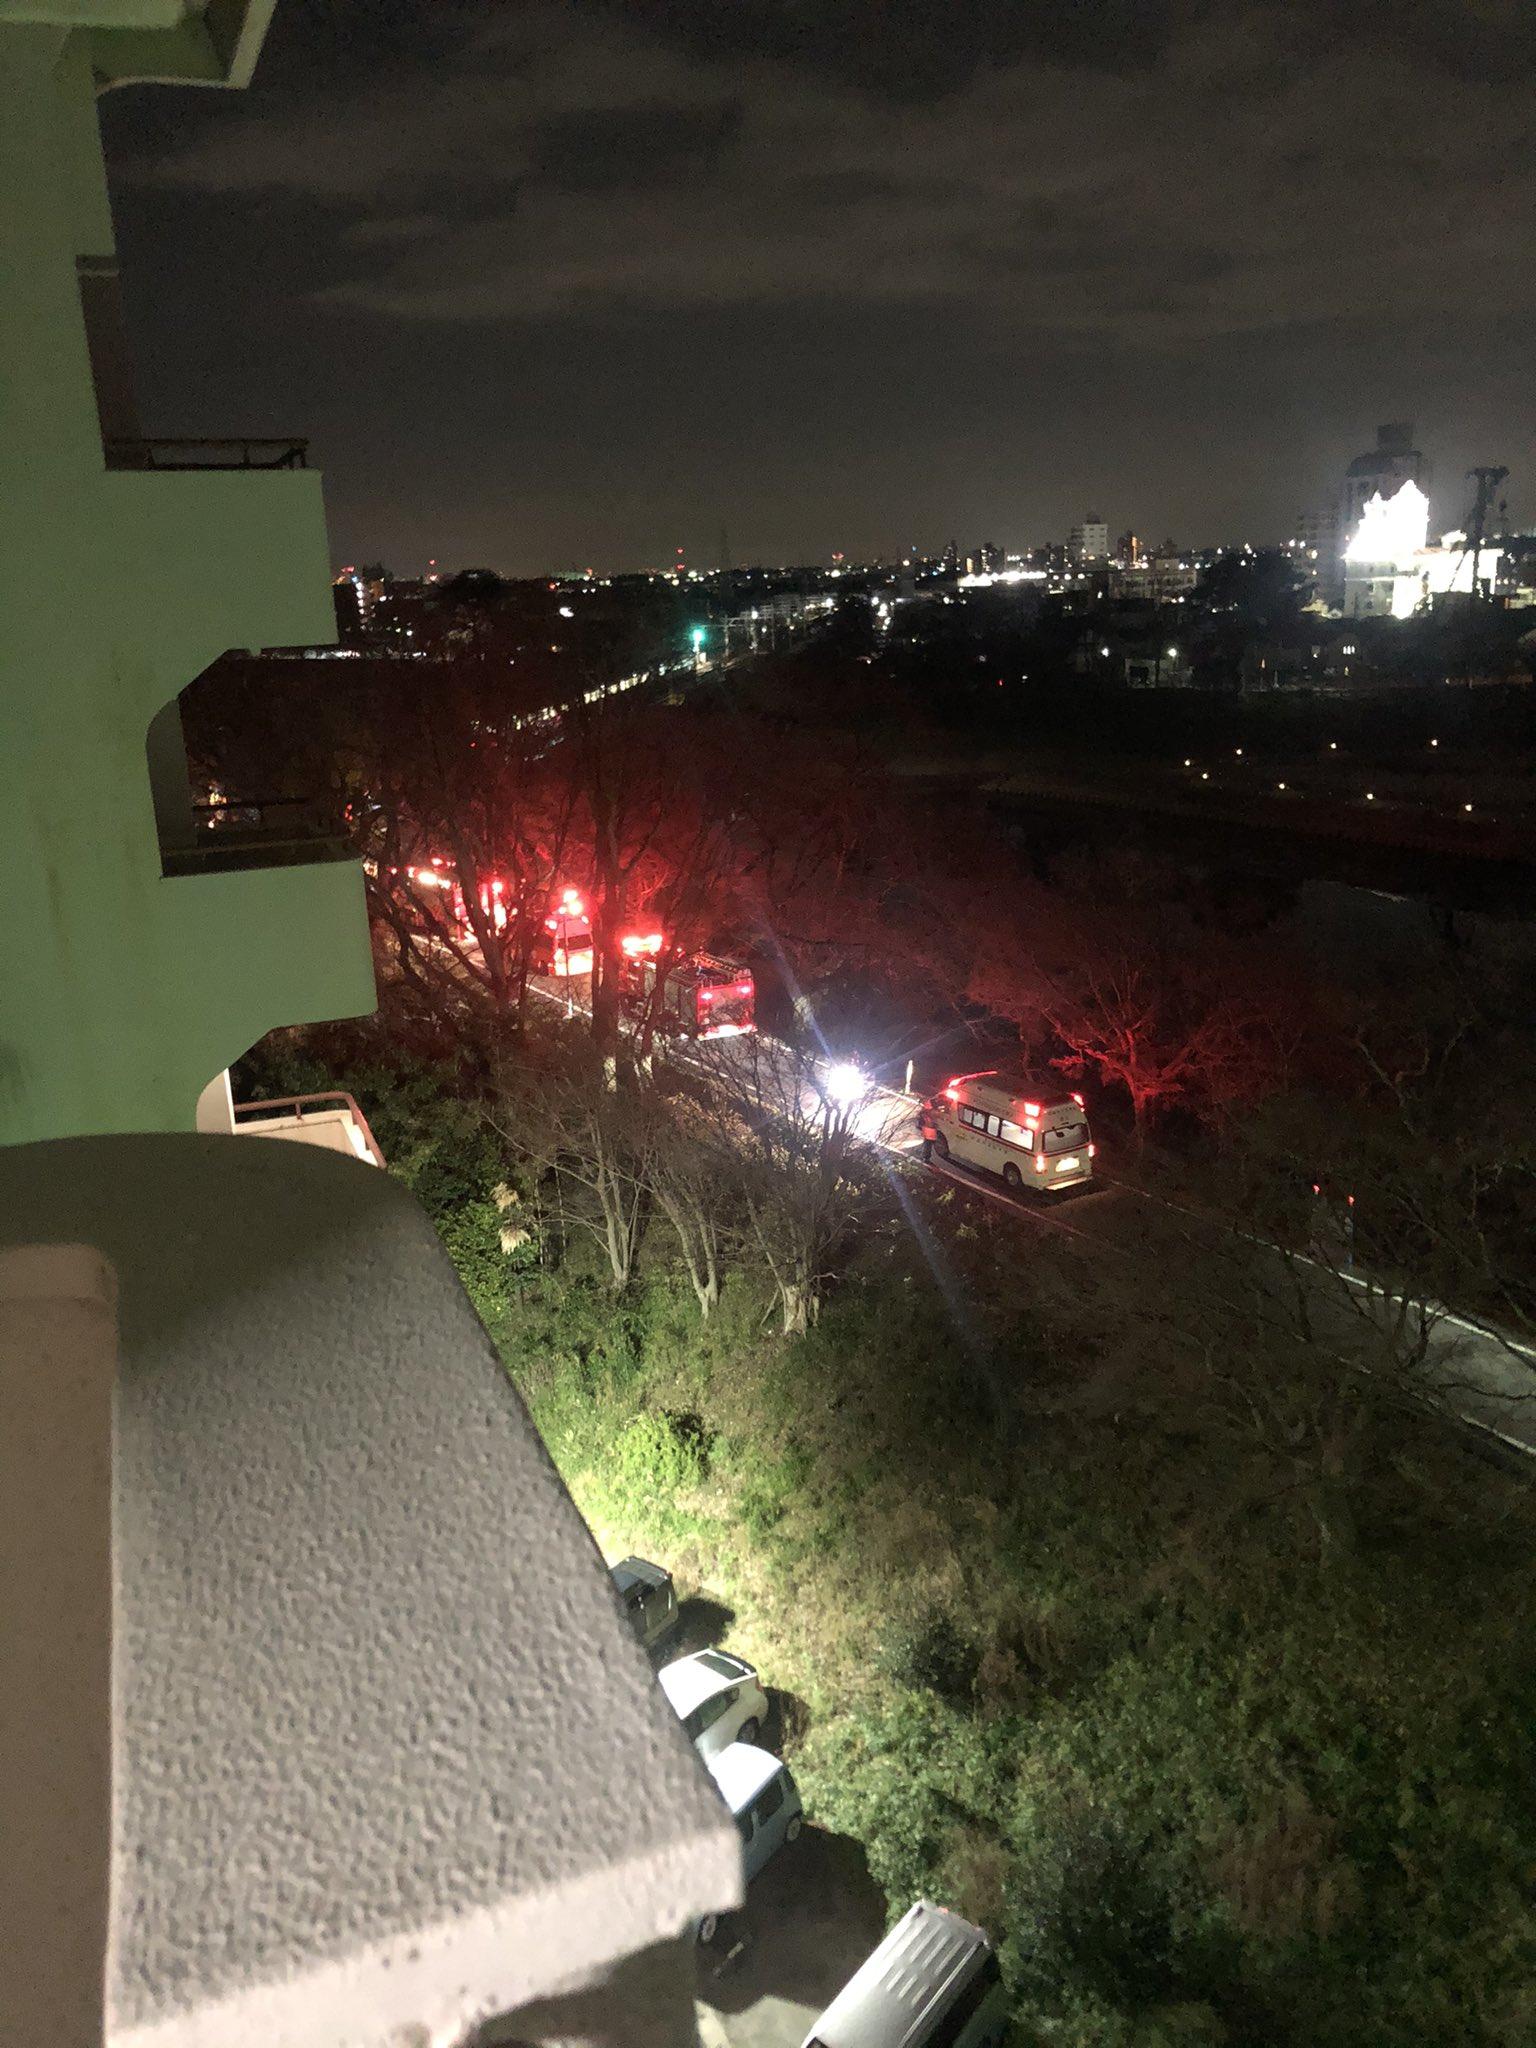 名古屋本線の岡崎公園前~東岡崎駅間で車と電車が衝突した事故現場の画像